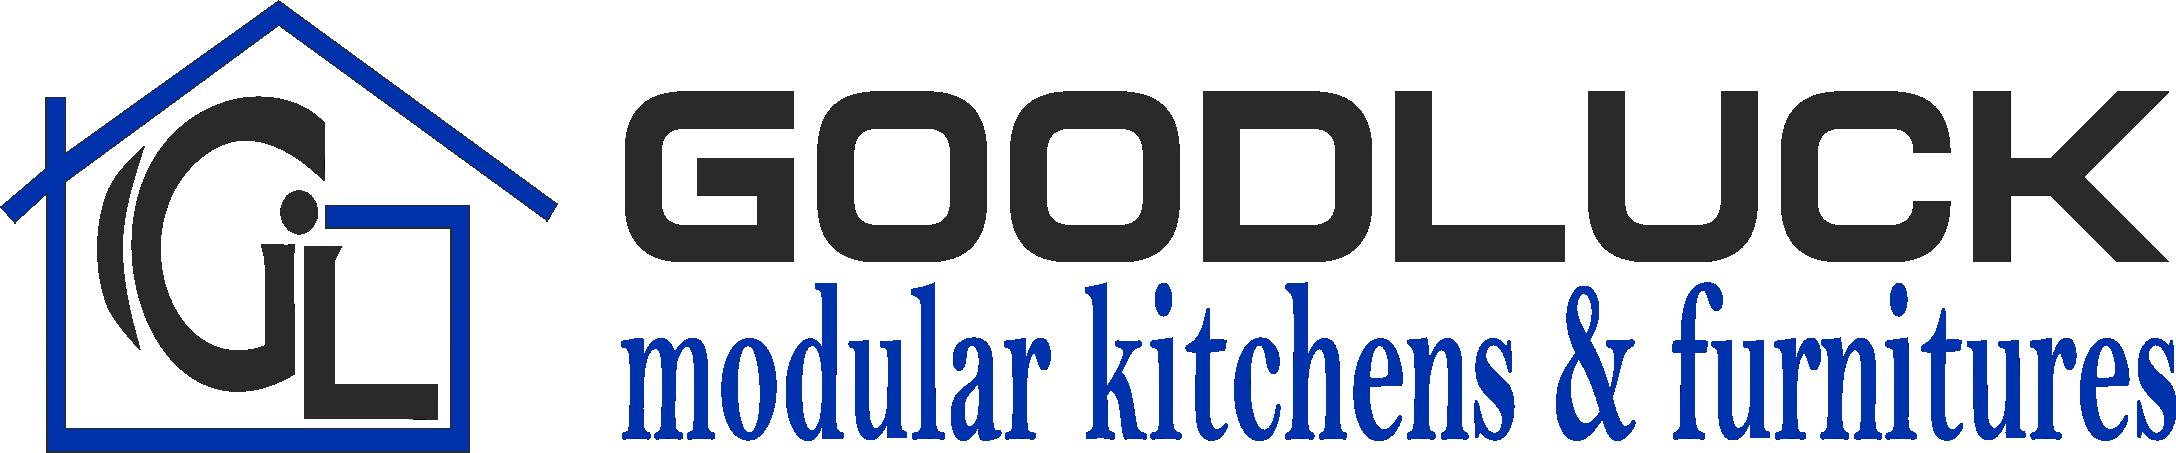 Goodluck Modular Kitchens & Furnitures